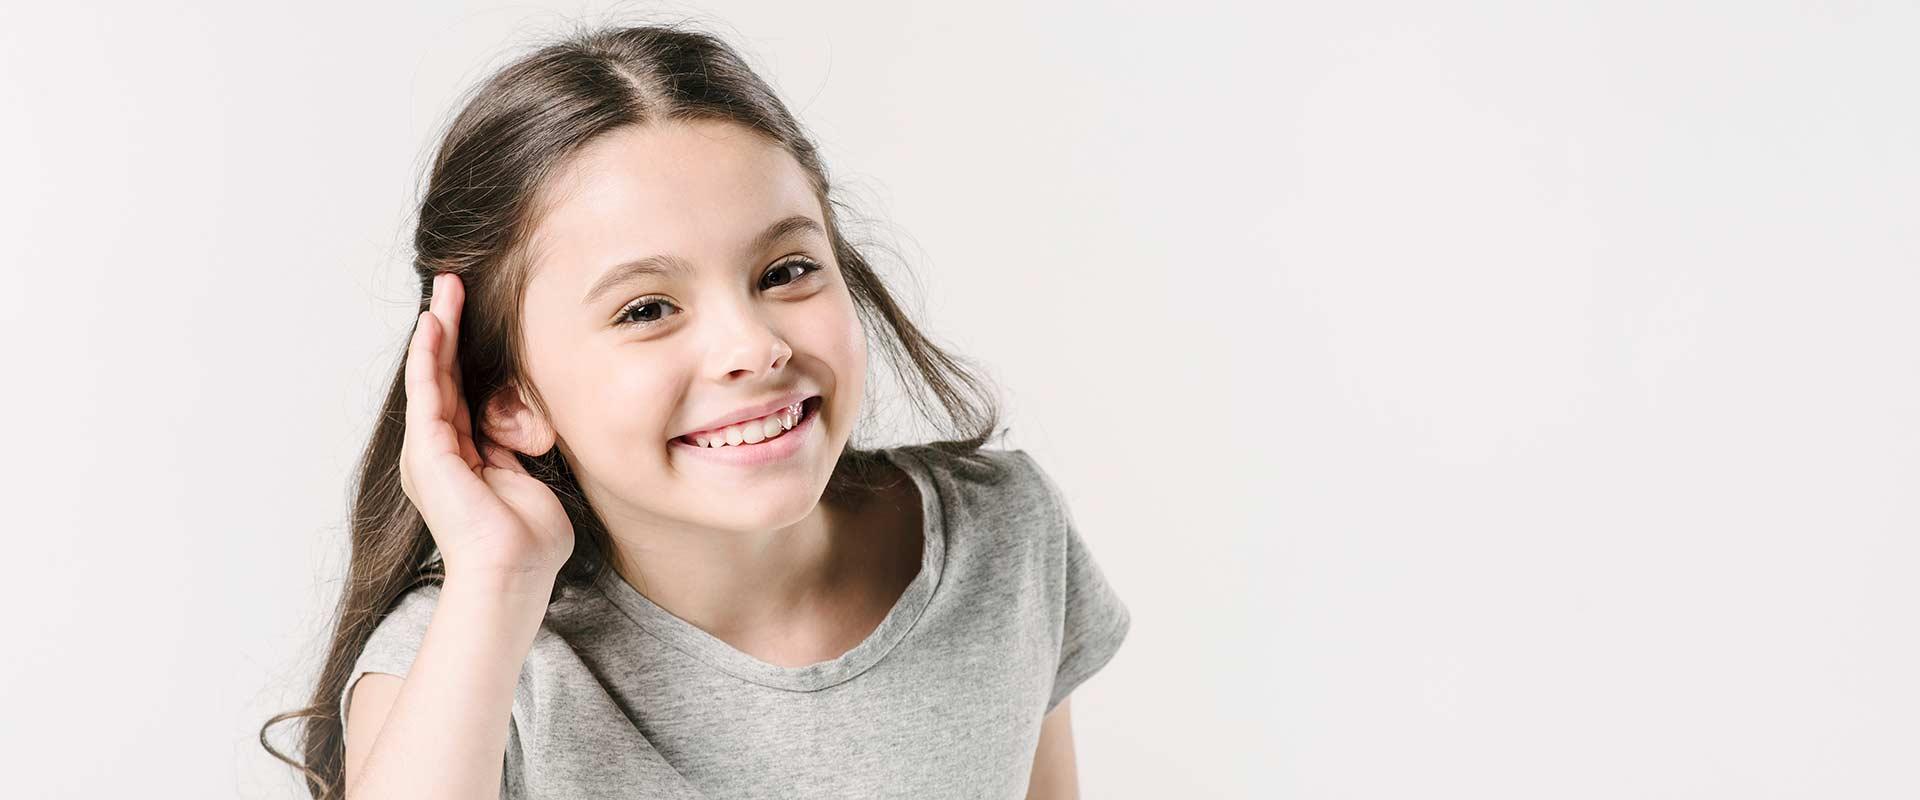 بررسی شنوایی کودکان و تجویز سمعک مناسب